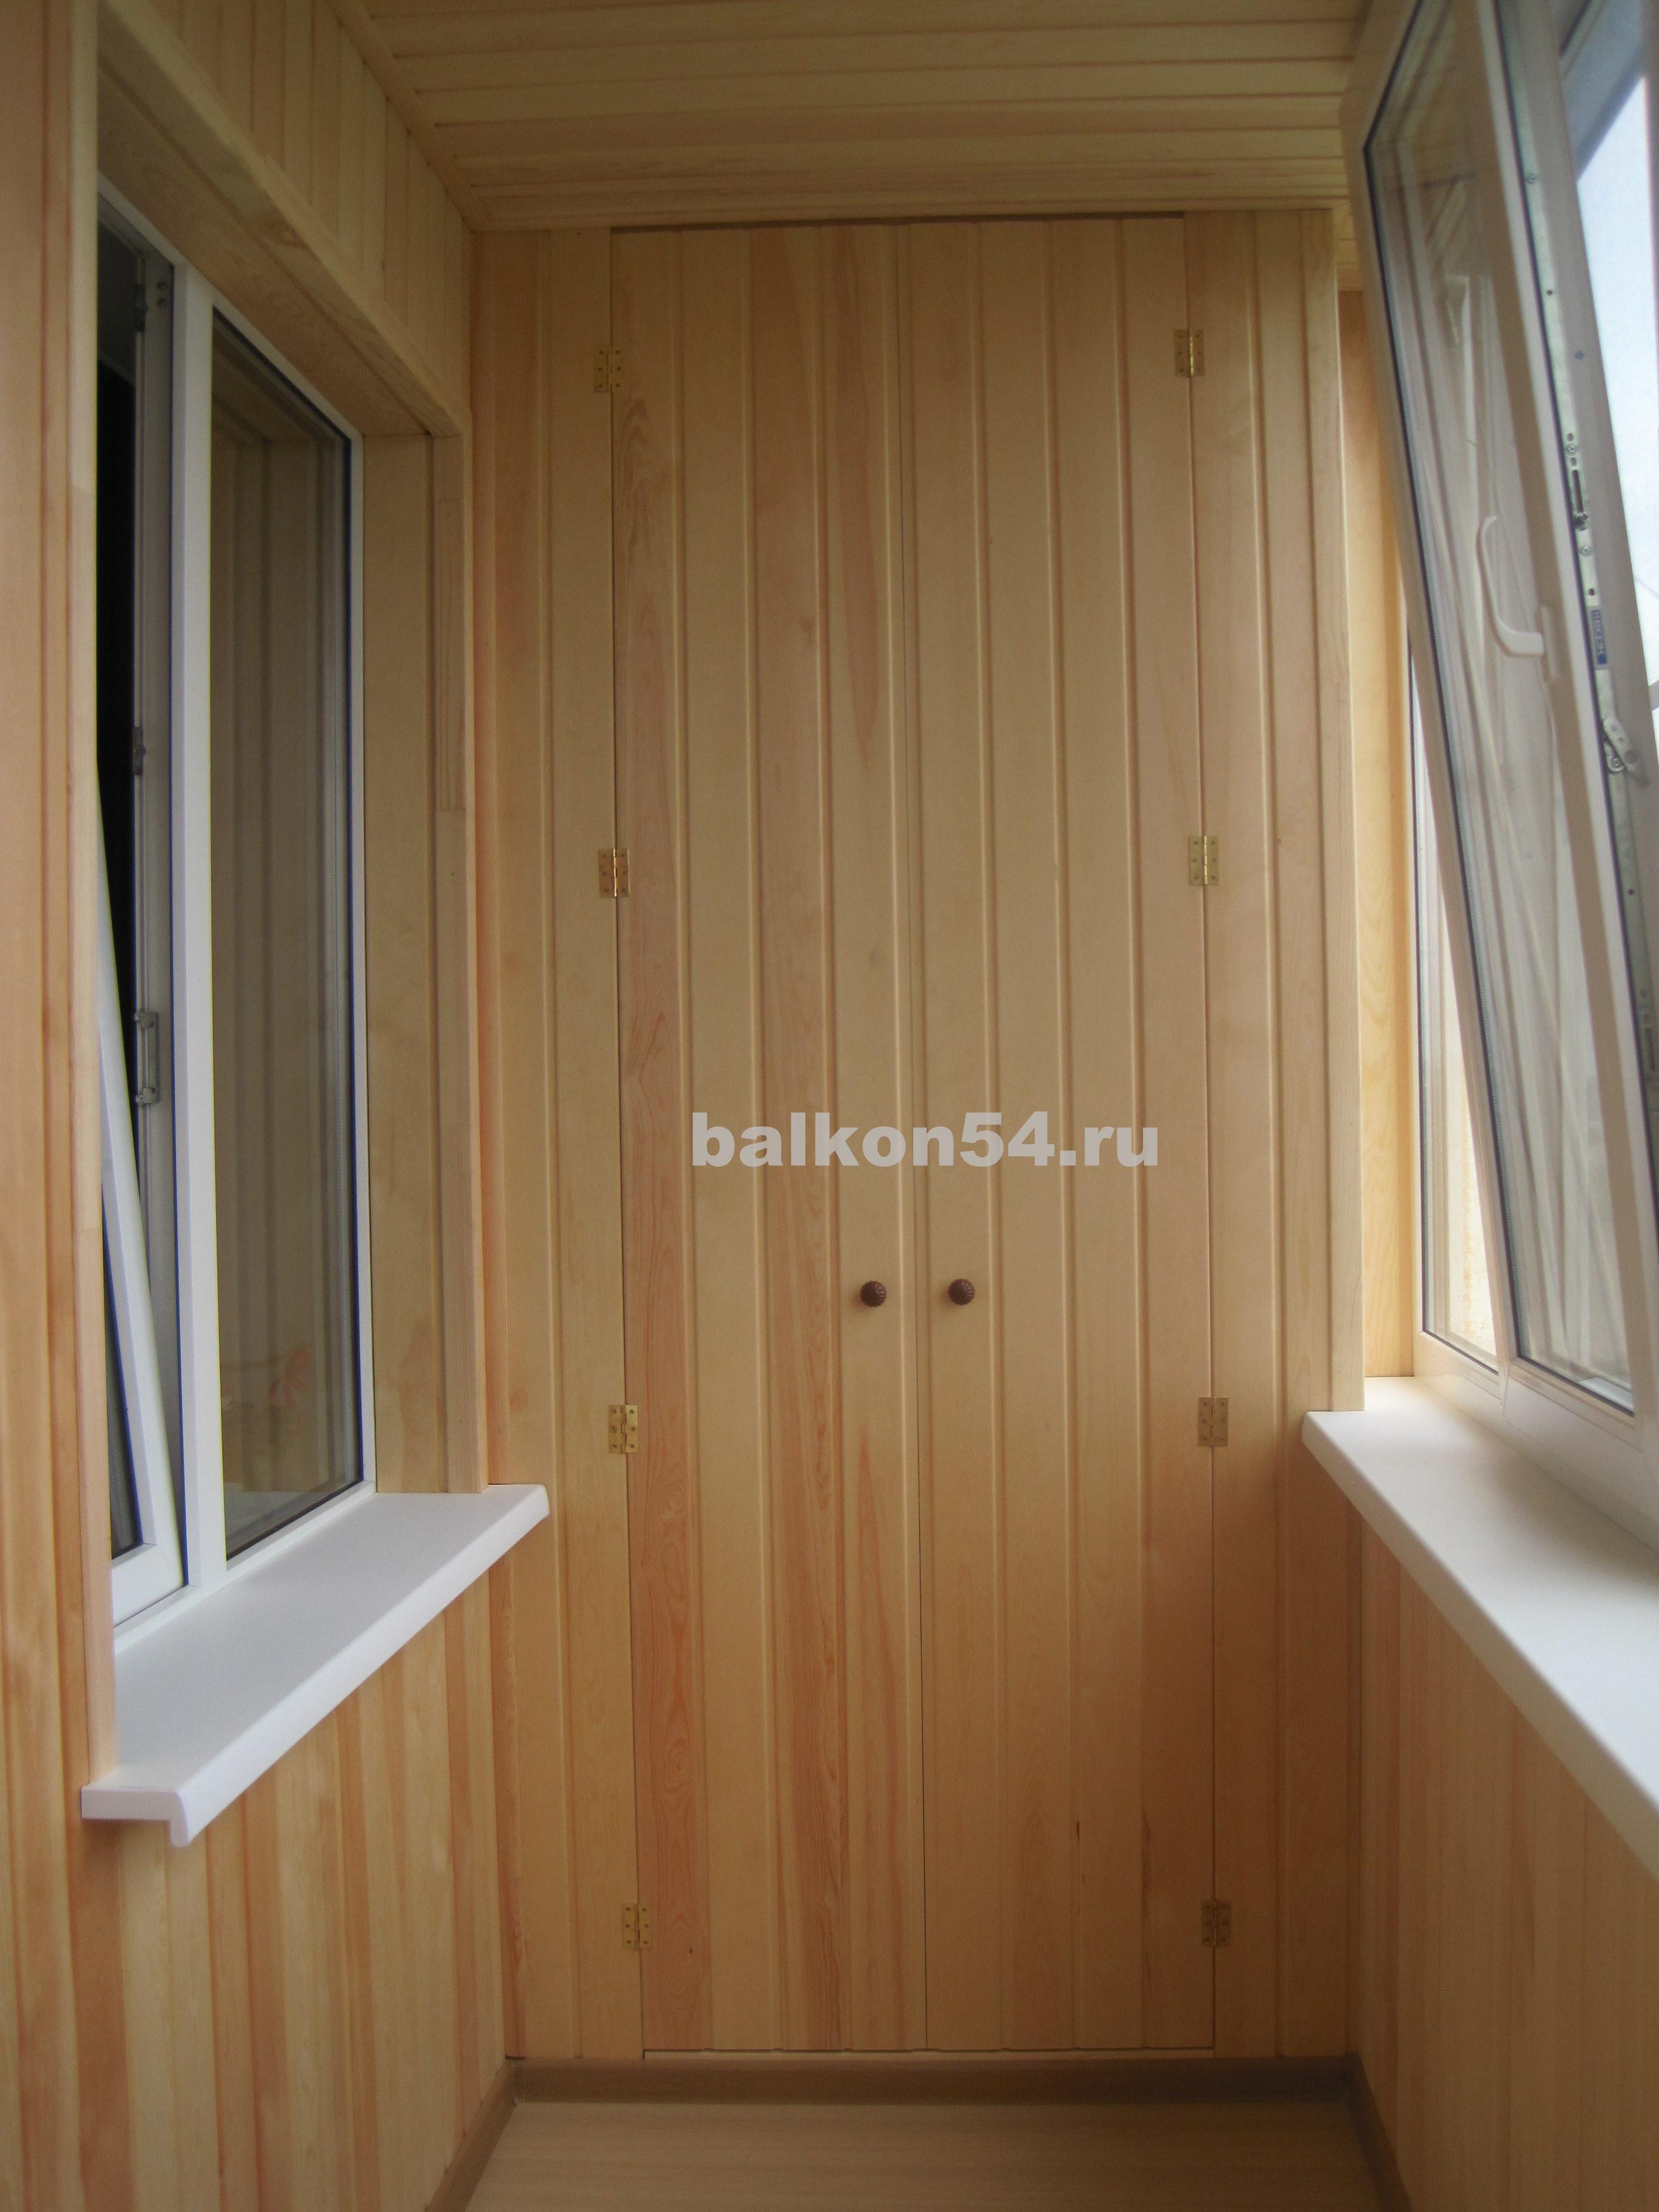 изготовление встроенных шкафов и тумб встроенная мебель на балкон